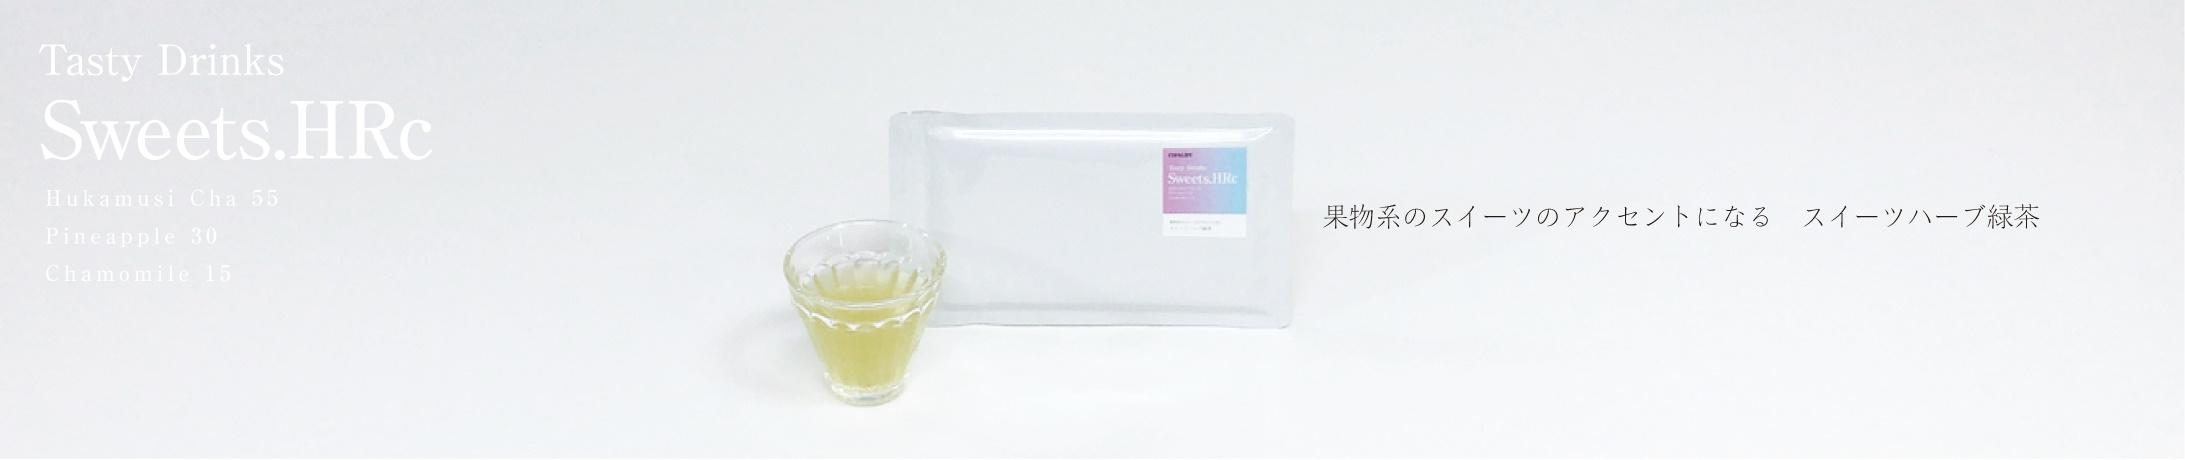 スイーツハーブ緑茶3